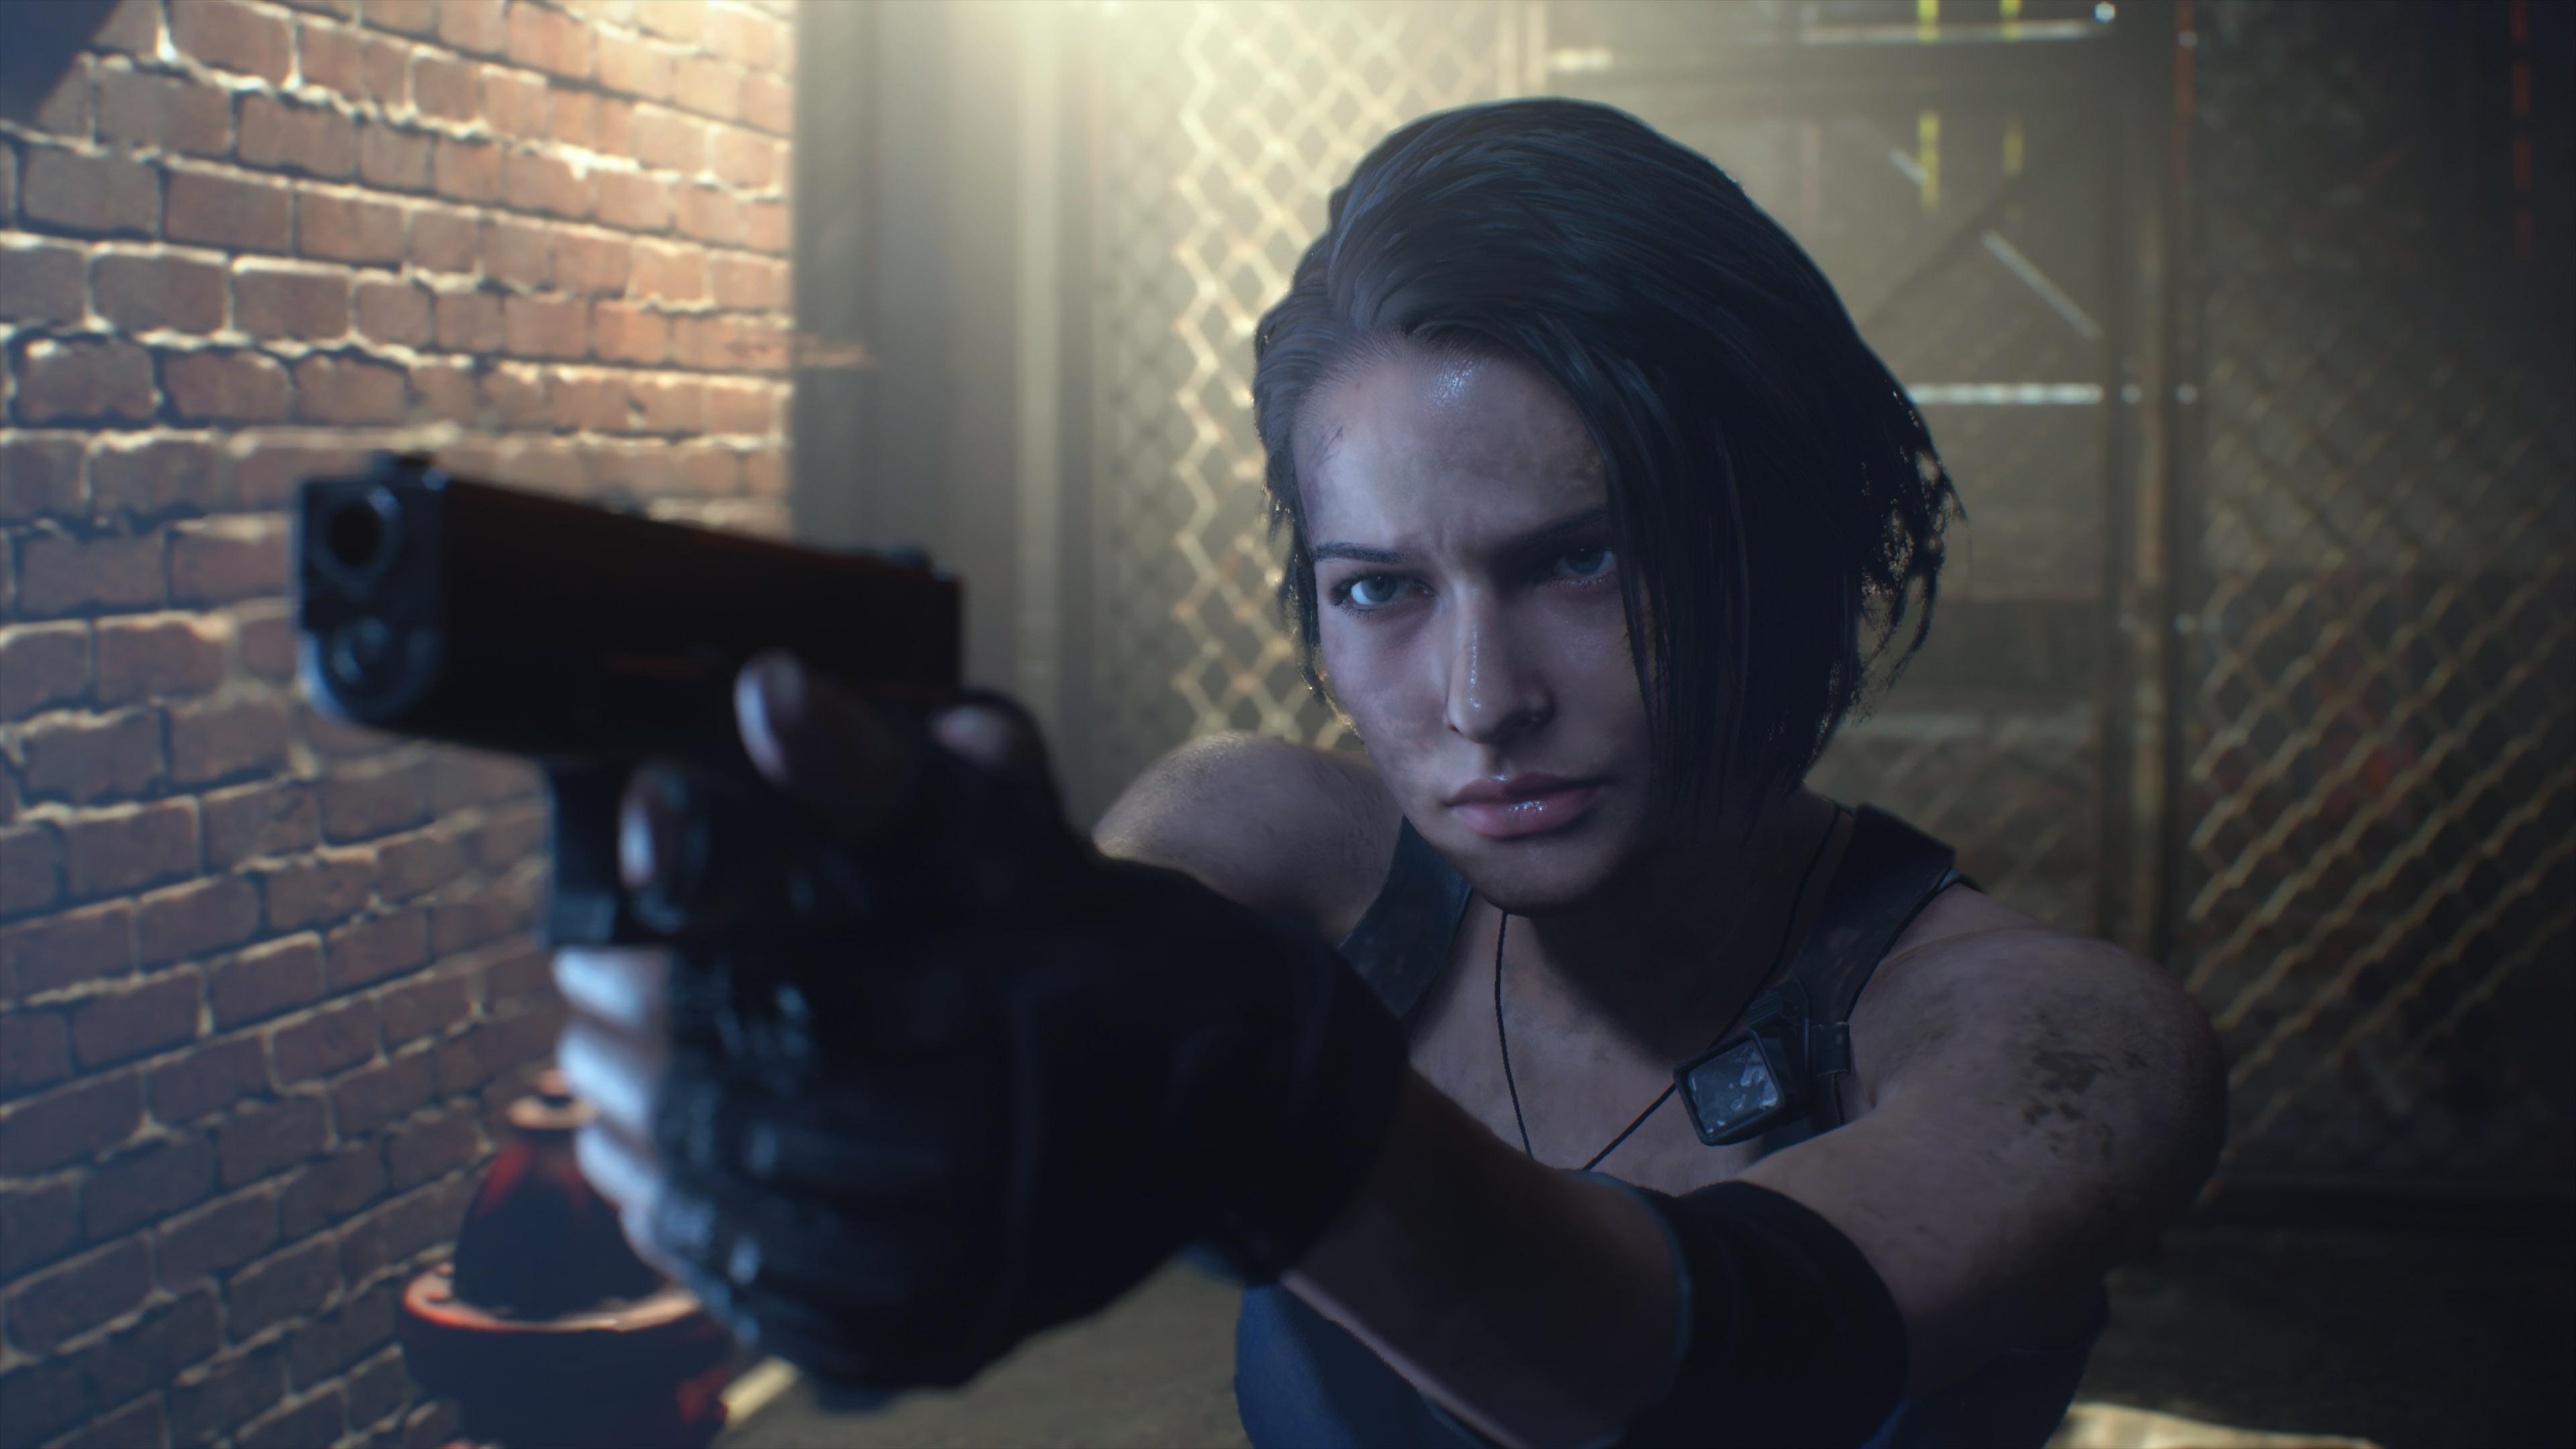 49654654131 11c5f717b6 o - Demo von Resident Evil 3 erscheint diese Woche für PS4